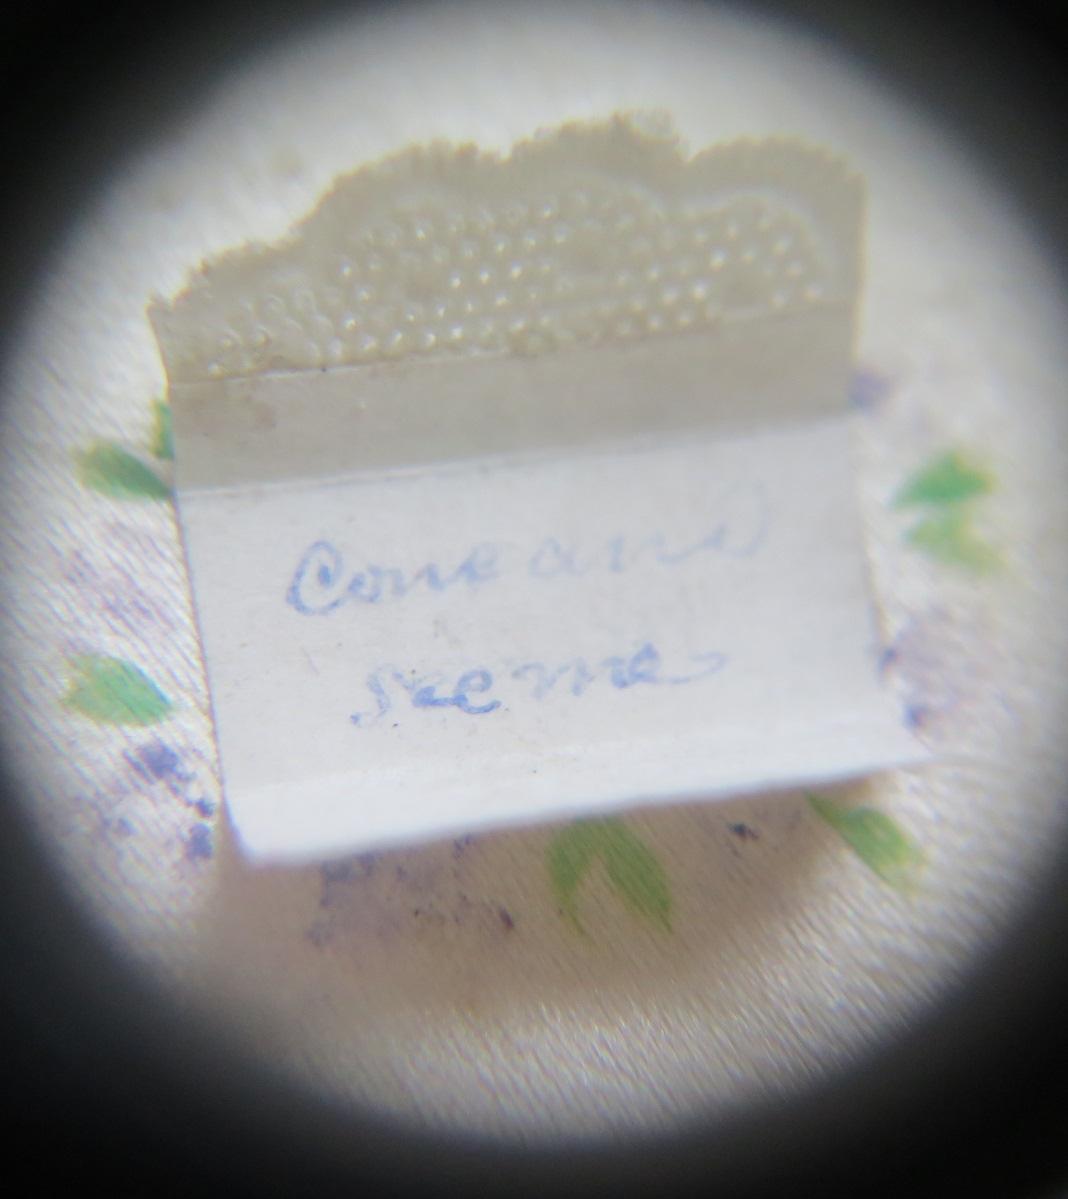 d0253172_12040204.jpg